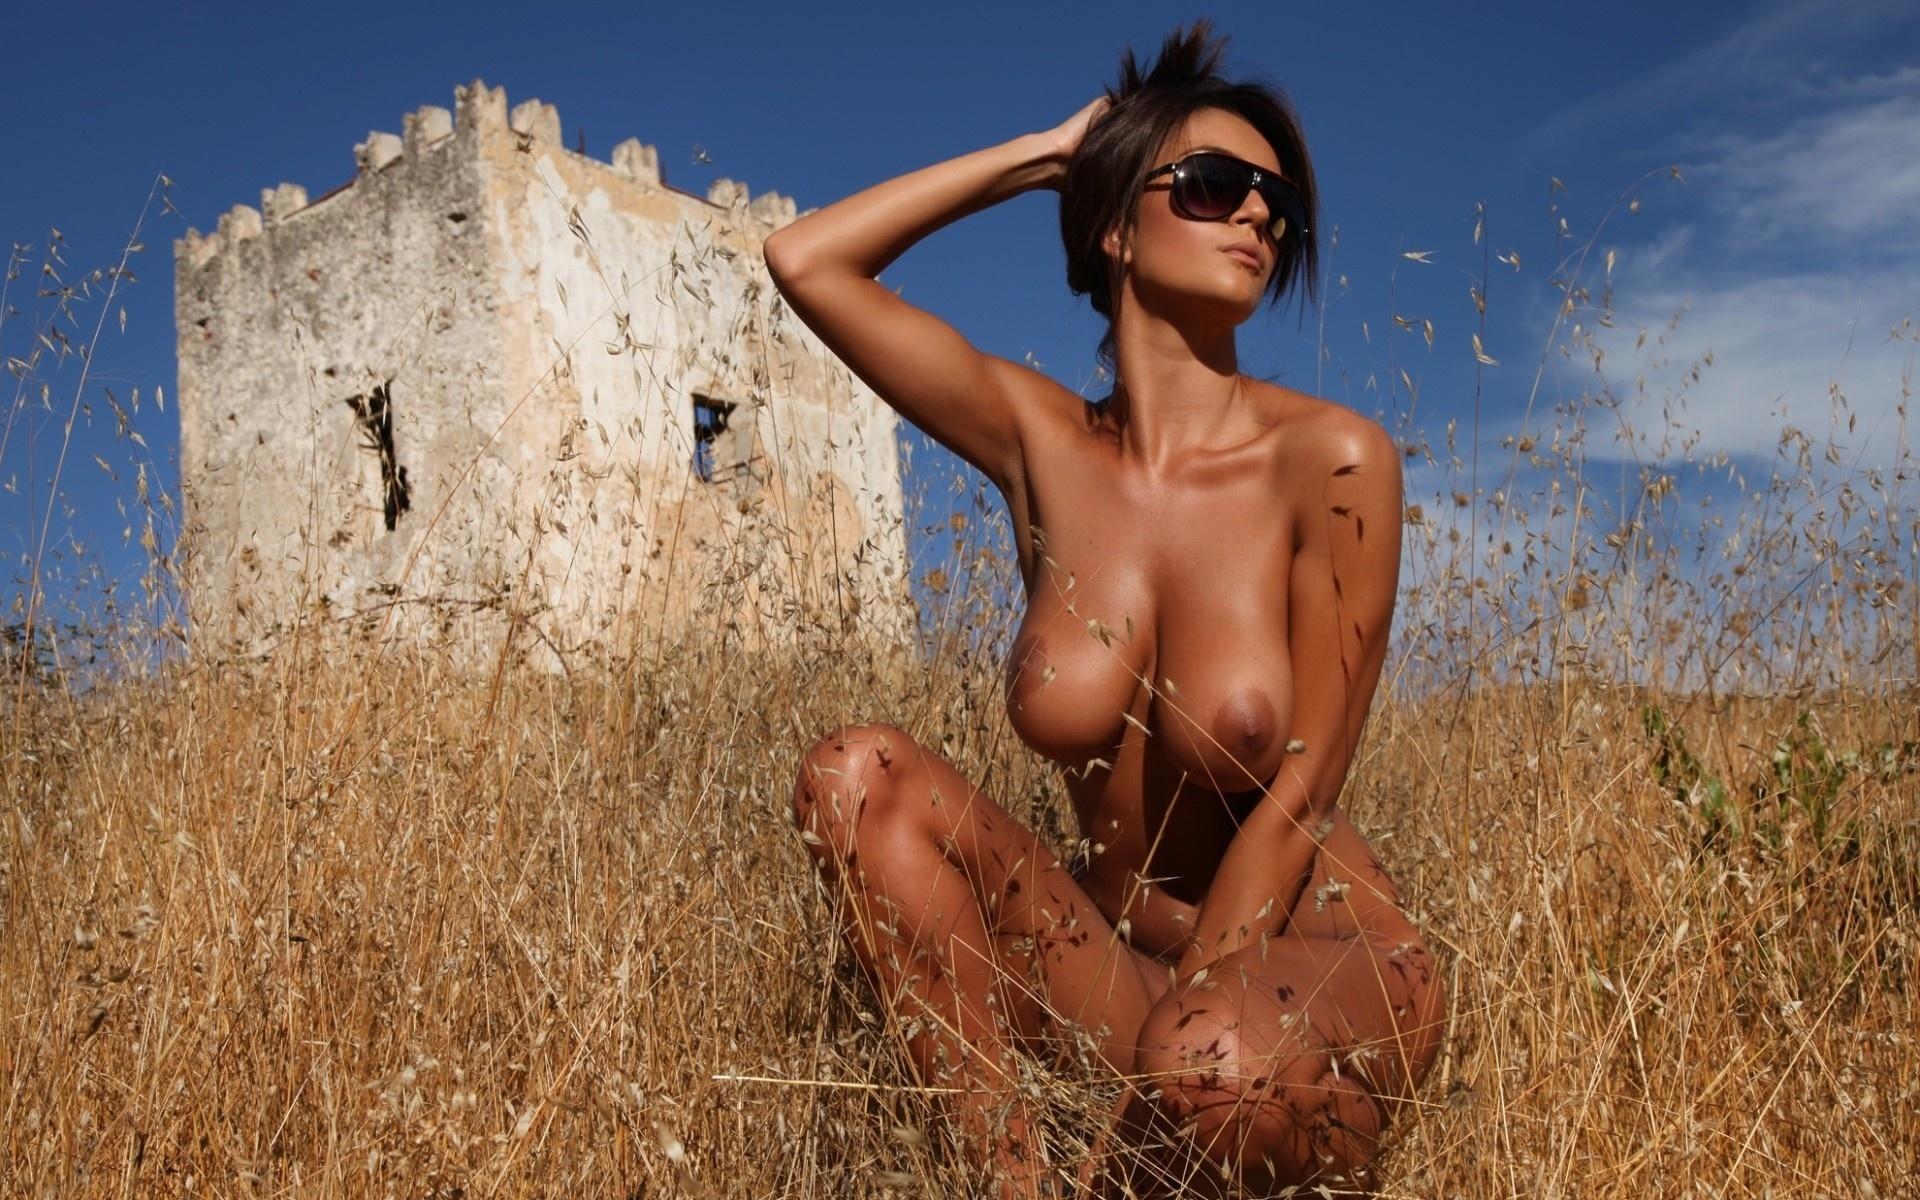 Эротические фотосессии высокого разрешения 15 фотография